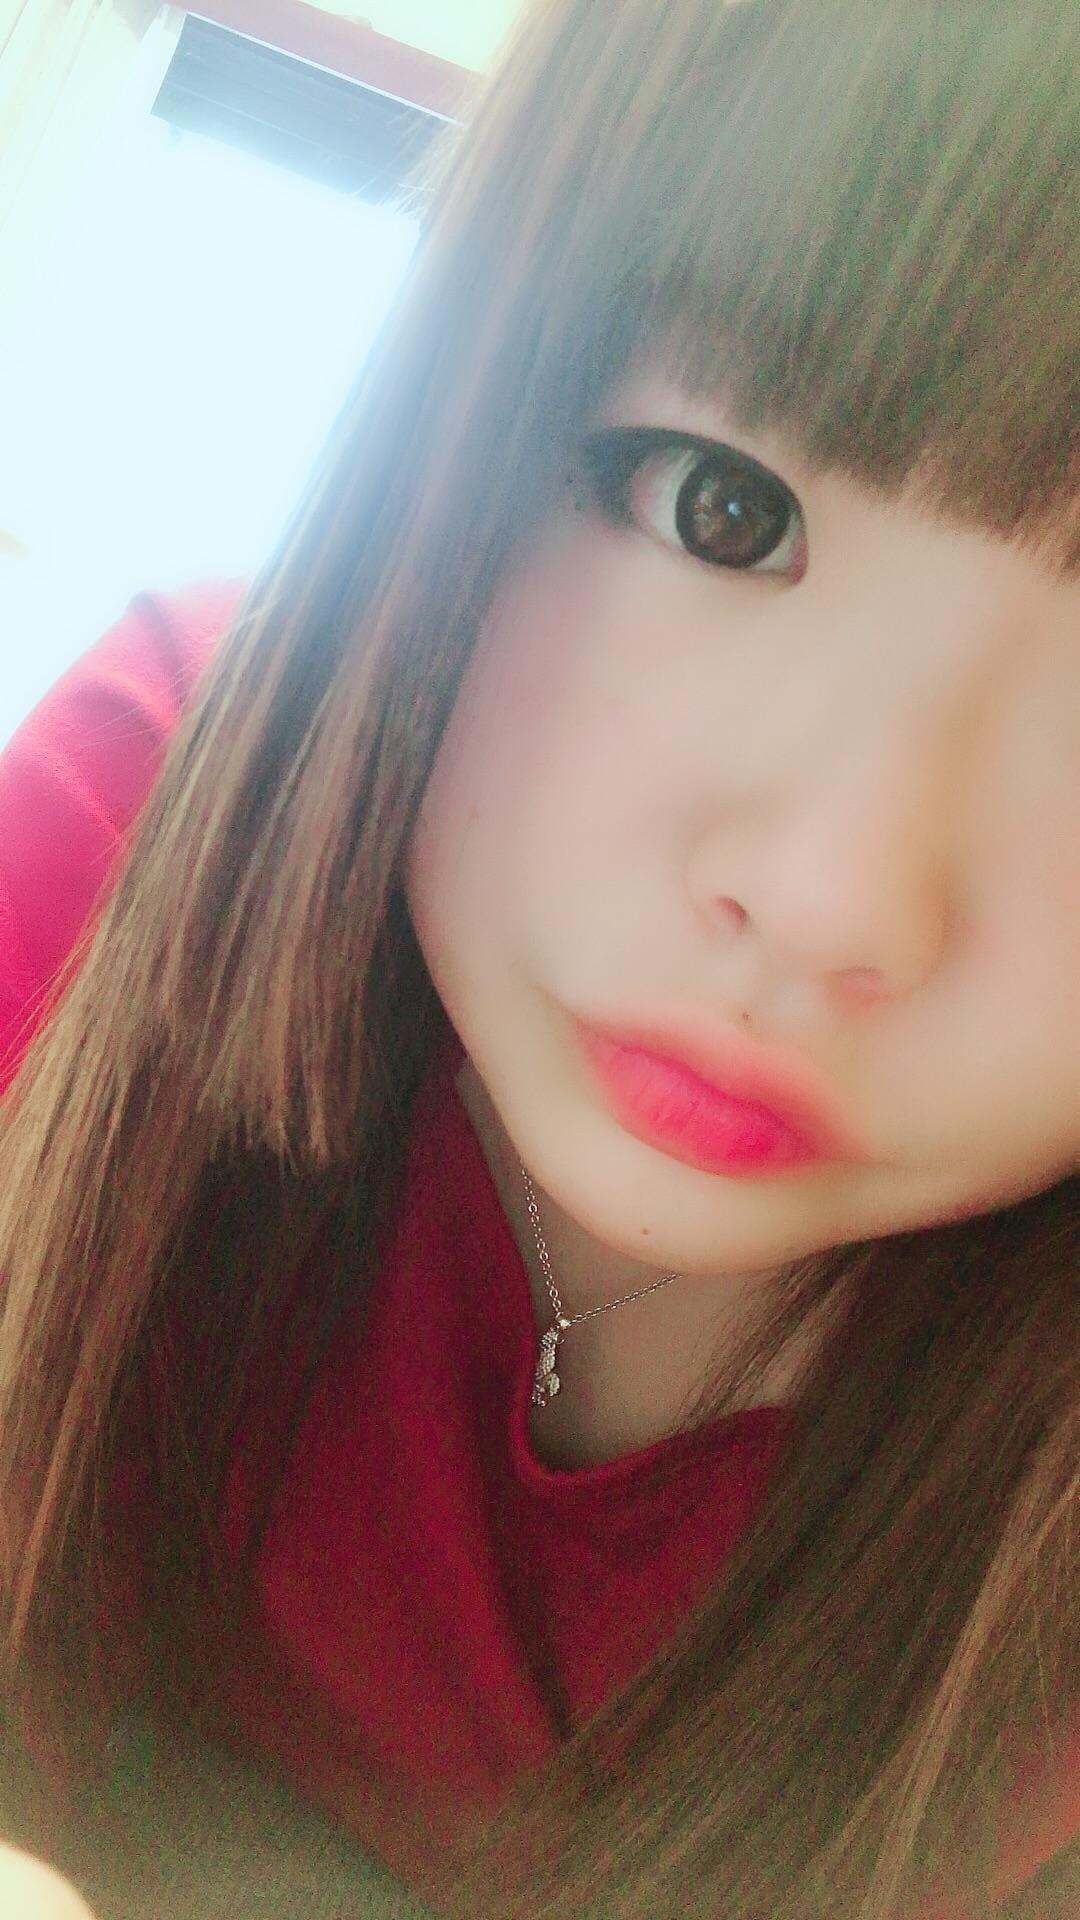 「お礼☆」07/18(水) 18:46 | マヤ奥様の写メ・風俗動画